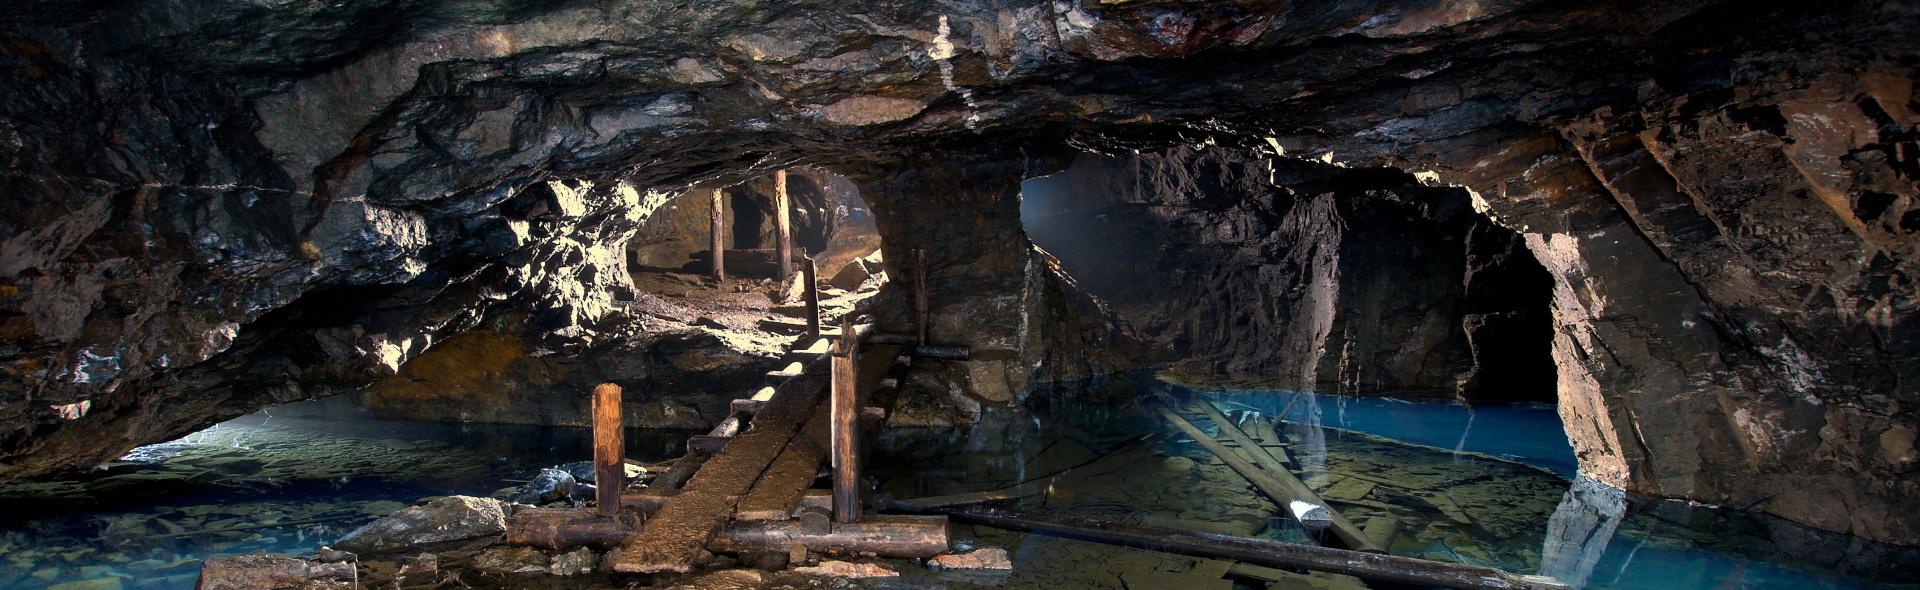 The mining landscape of Boží Dar is in UNESCO